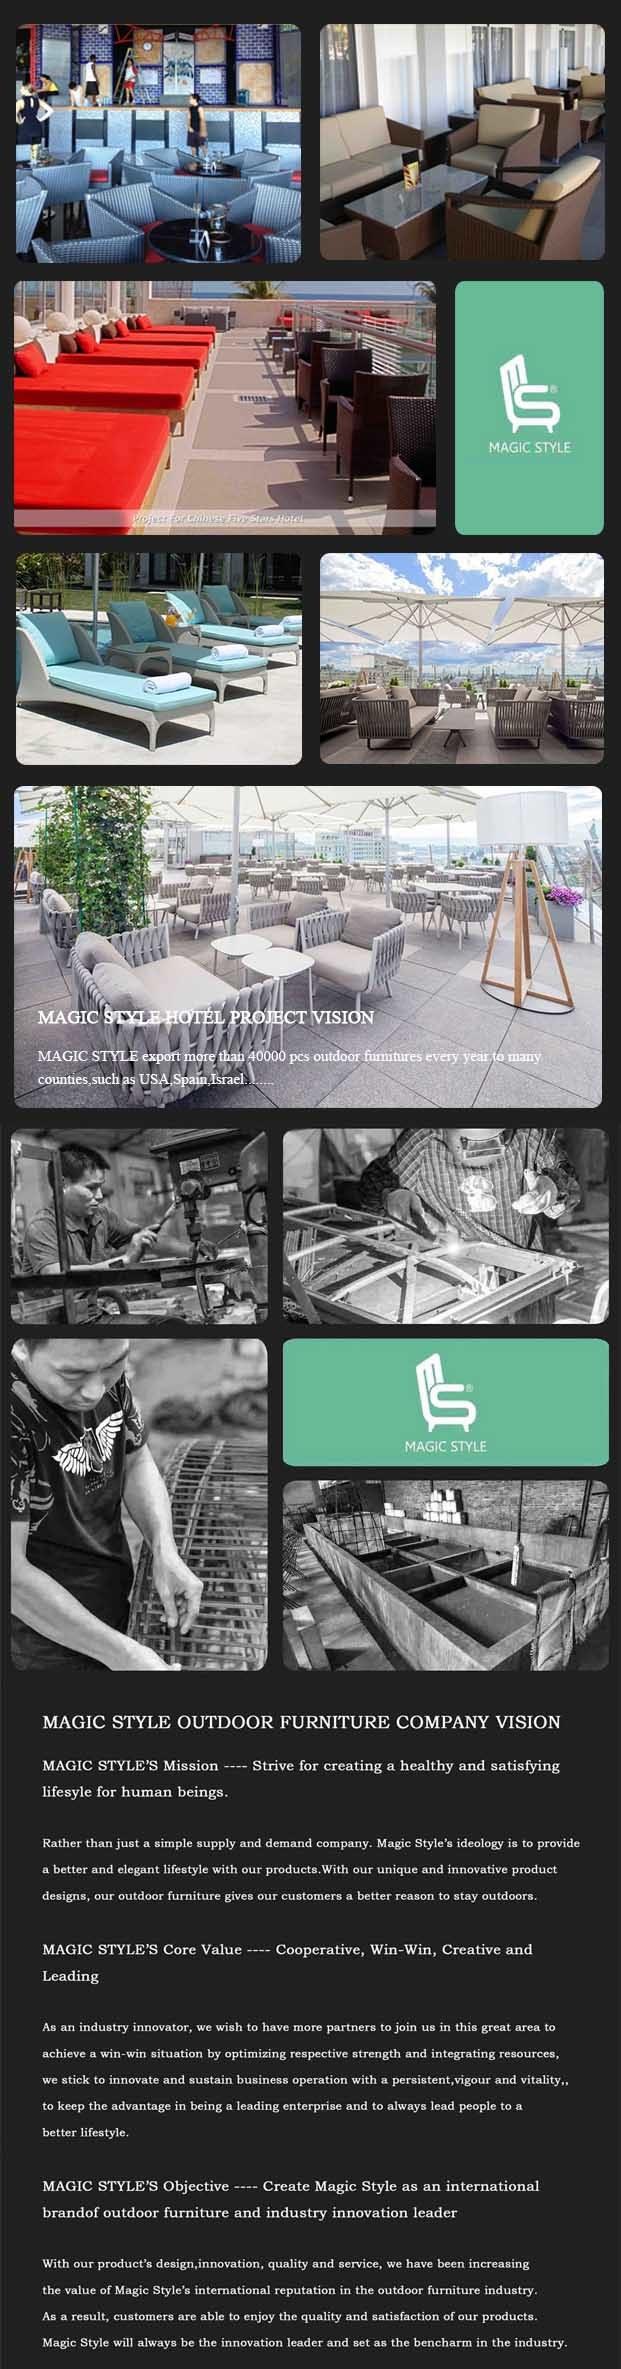 Outdoor Wicker Bar Set Rattan Weaving Bar Stool Garden Wicker Bar Table Patio Weaving Bar Set Club Wicker Bar Chair